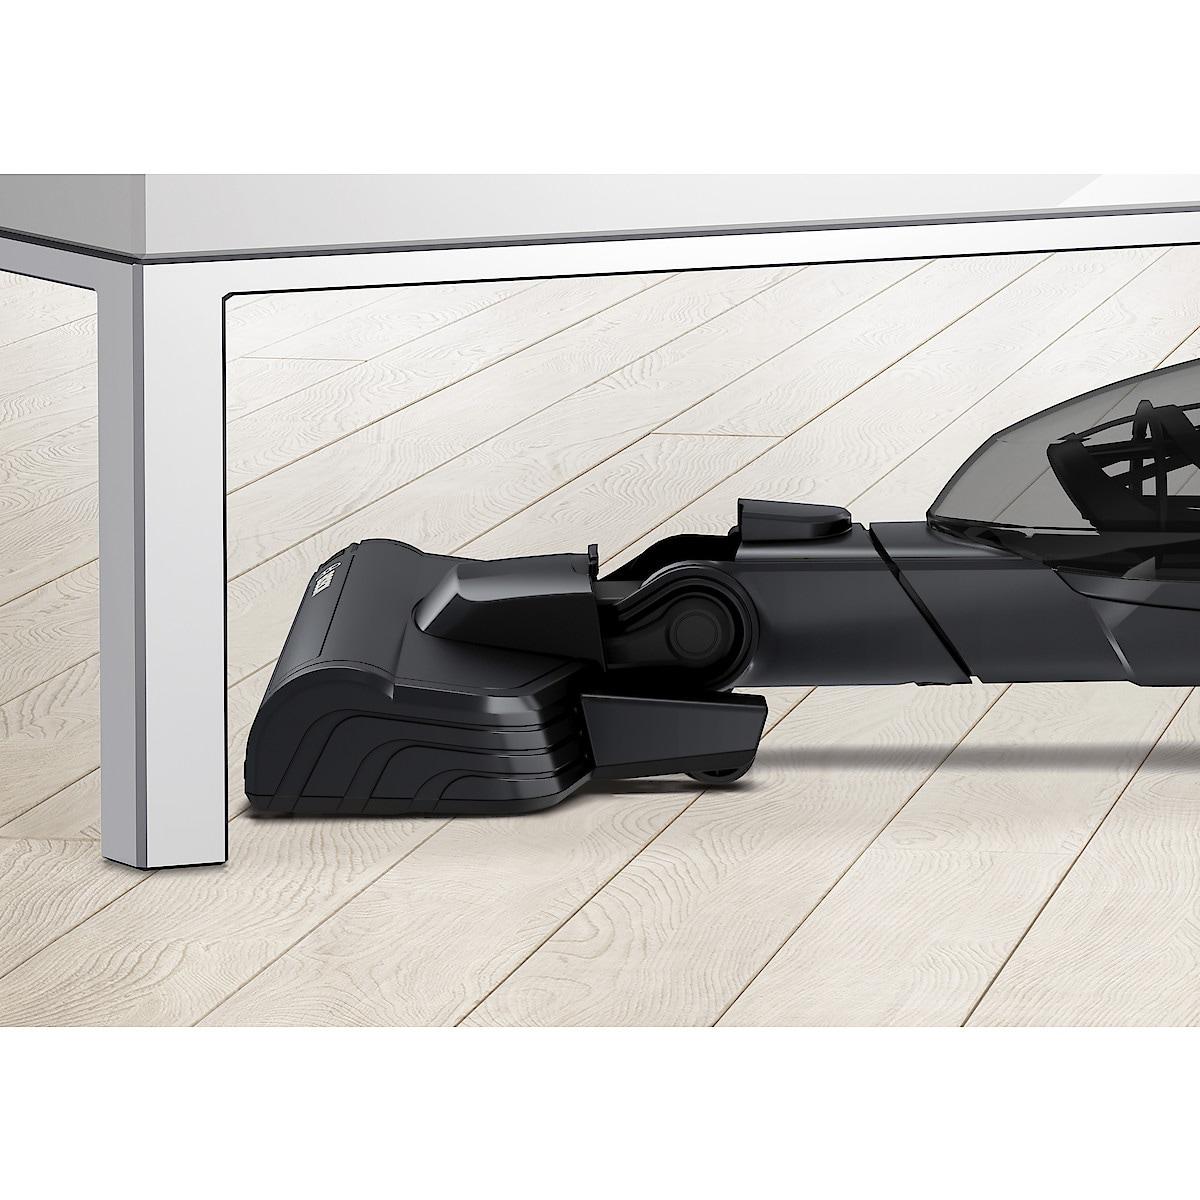 Bosch Readyy'y BBHF220, skaftstøvsuger 20 V | Clas Ohlson